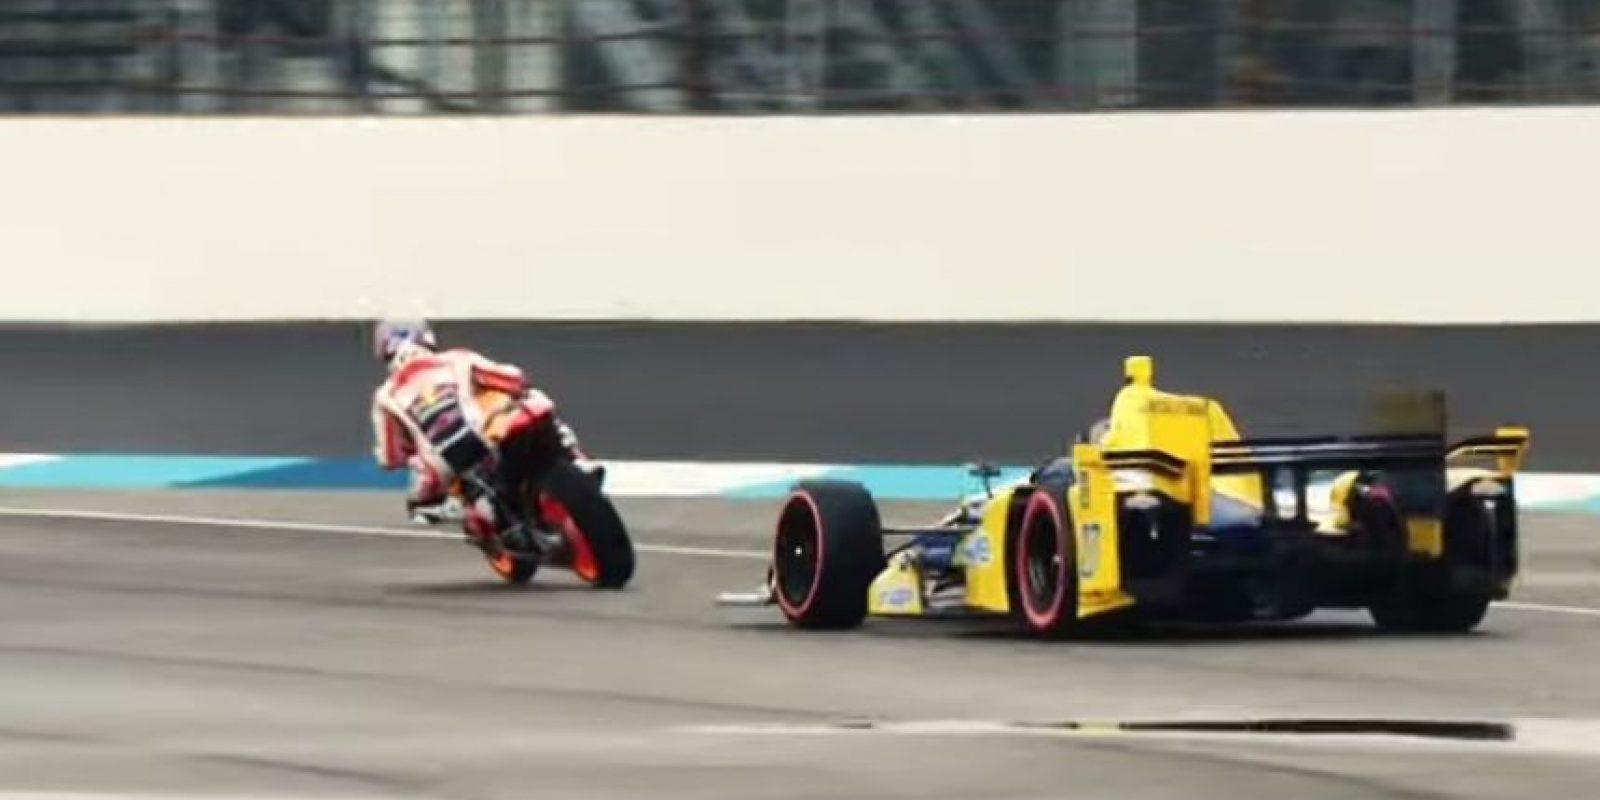 La moto era más rápida en las curvas. Foto:MotoGP